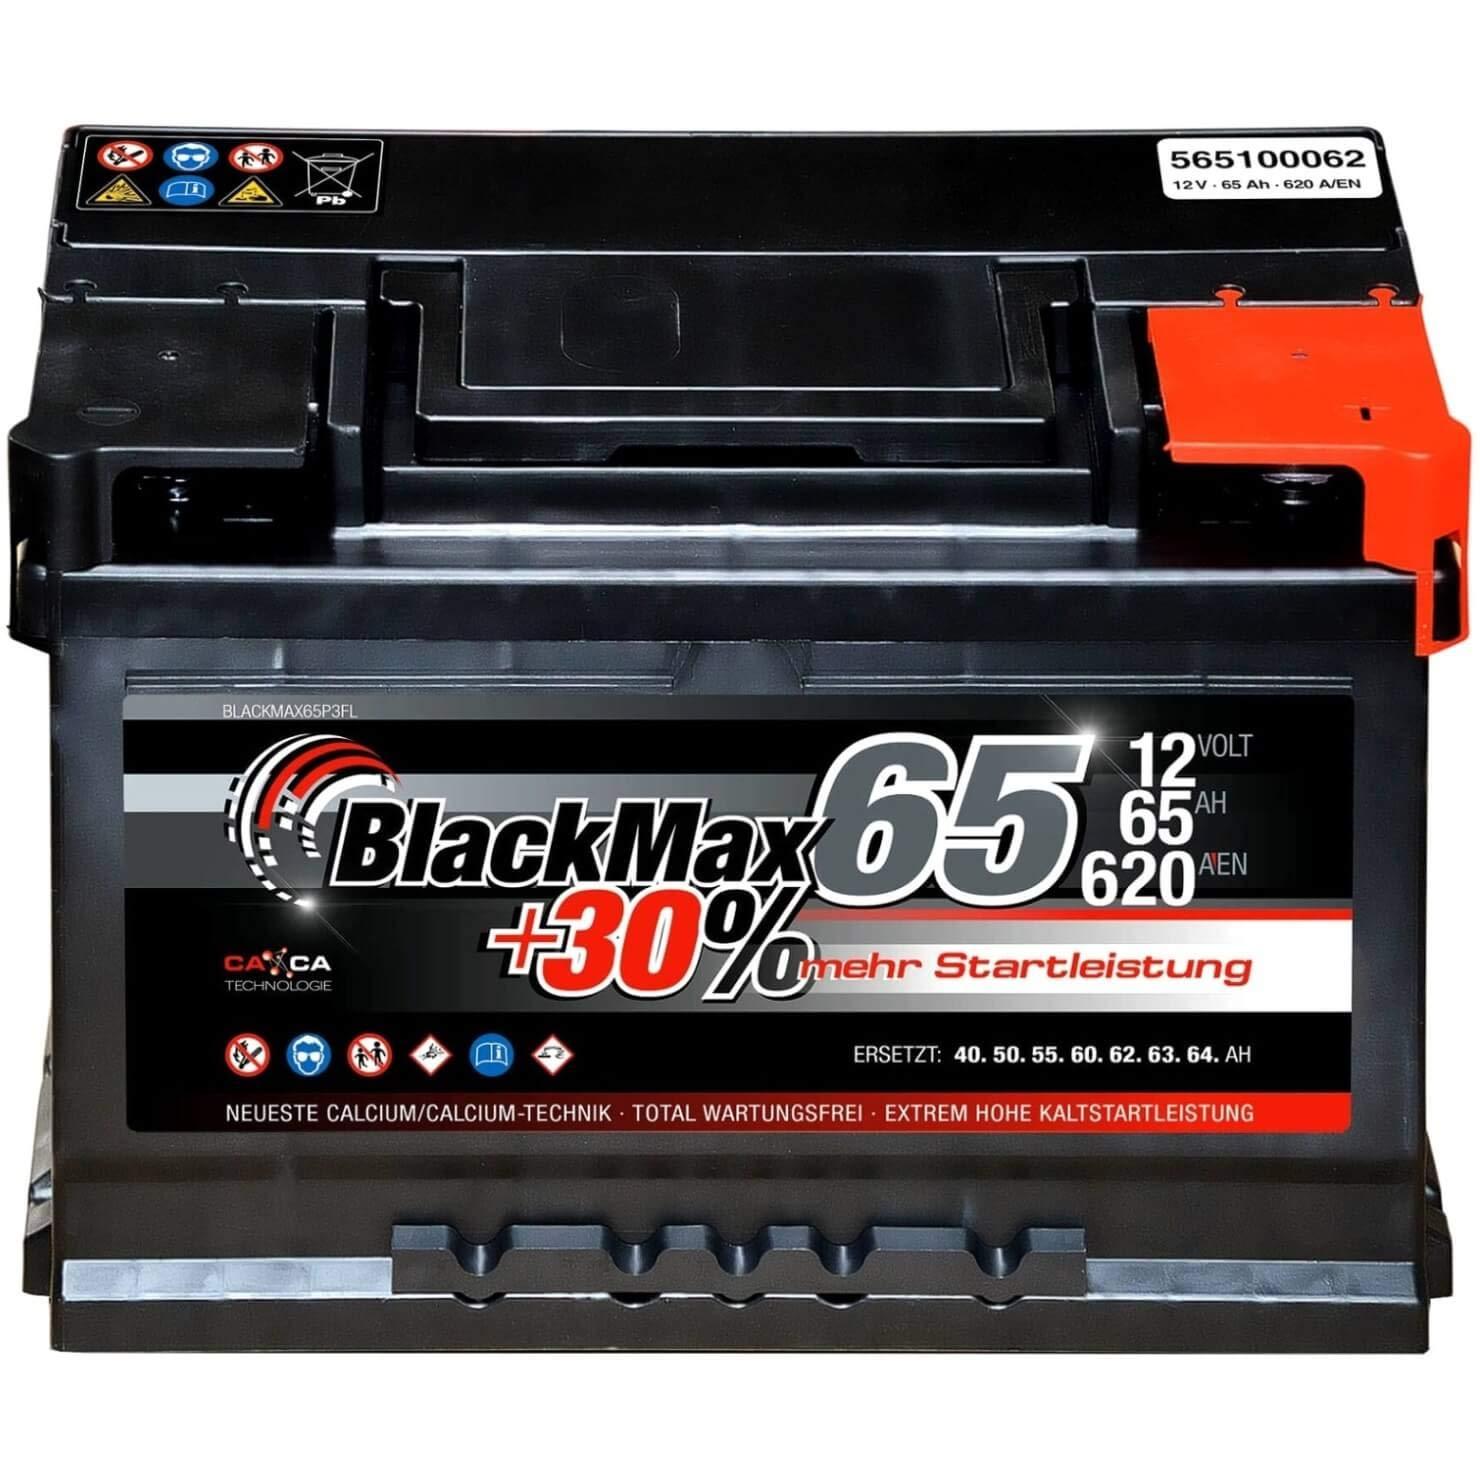 BlackMax Autobatterie 12V 55Ah PKW Batterie statt 44Ah 45Ah 50Ah inklusive Polfett